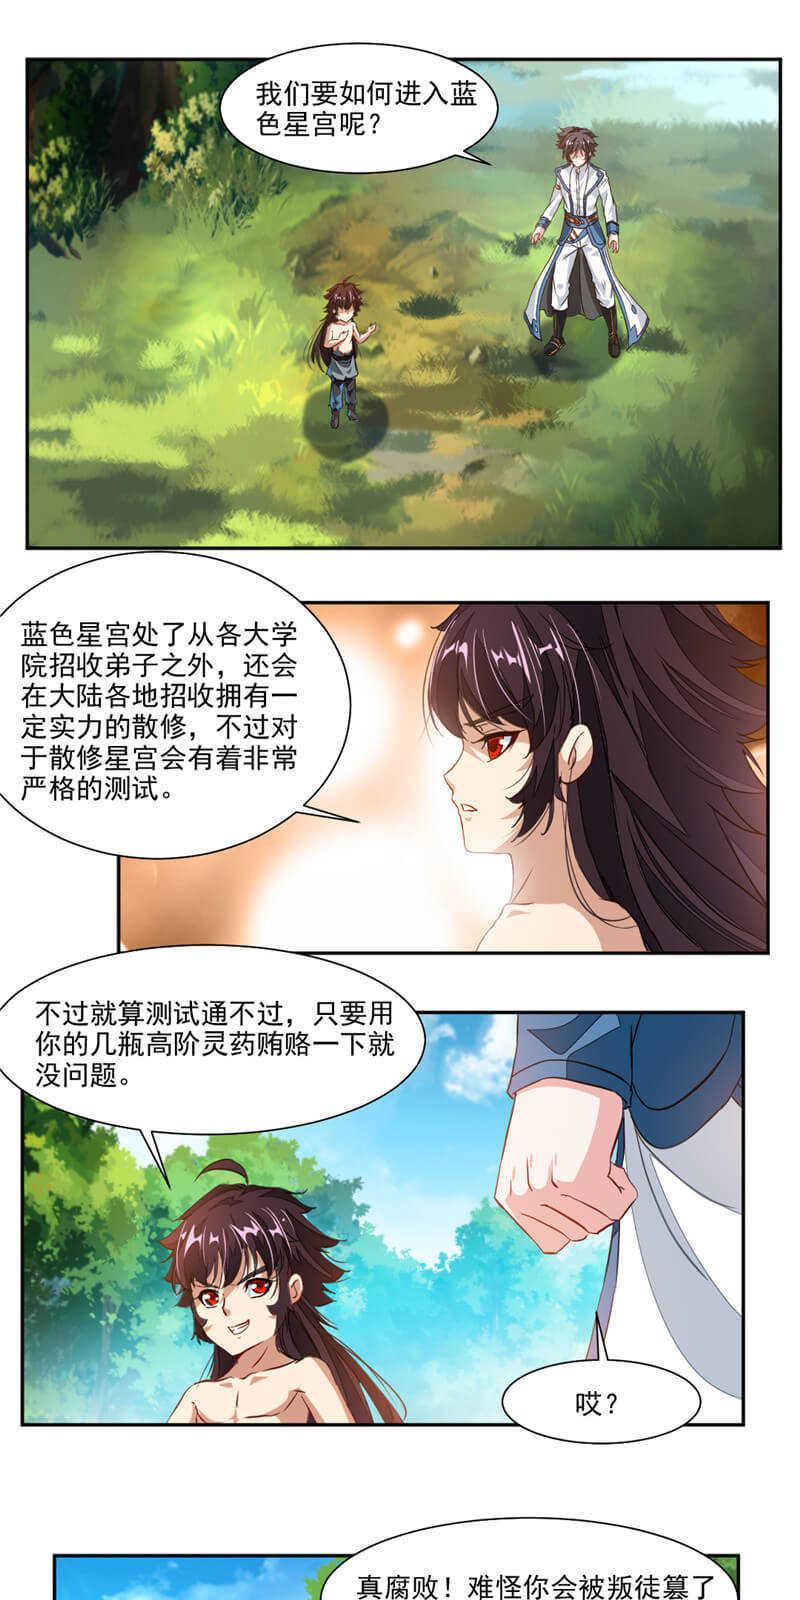 九阳神王第55话  老妖怪变小孩 第 8